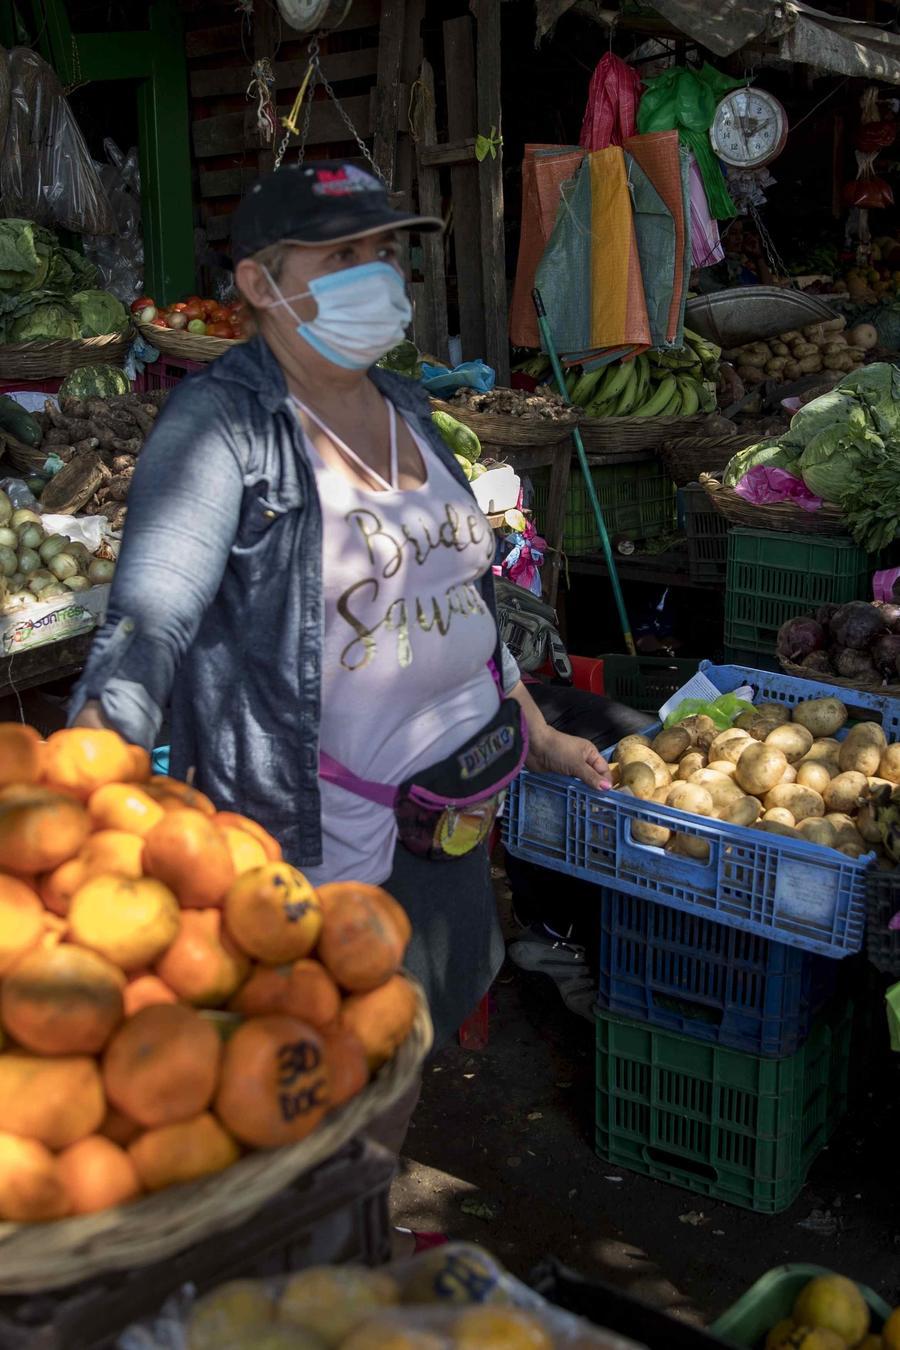 Vendedora del mercado Mayoreo, donde se han tomado medidas contra el coronavirus, en Managua.